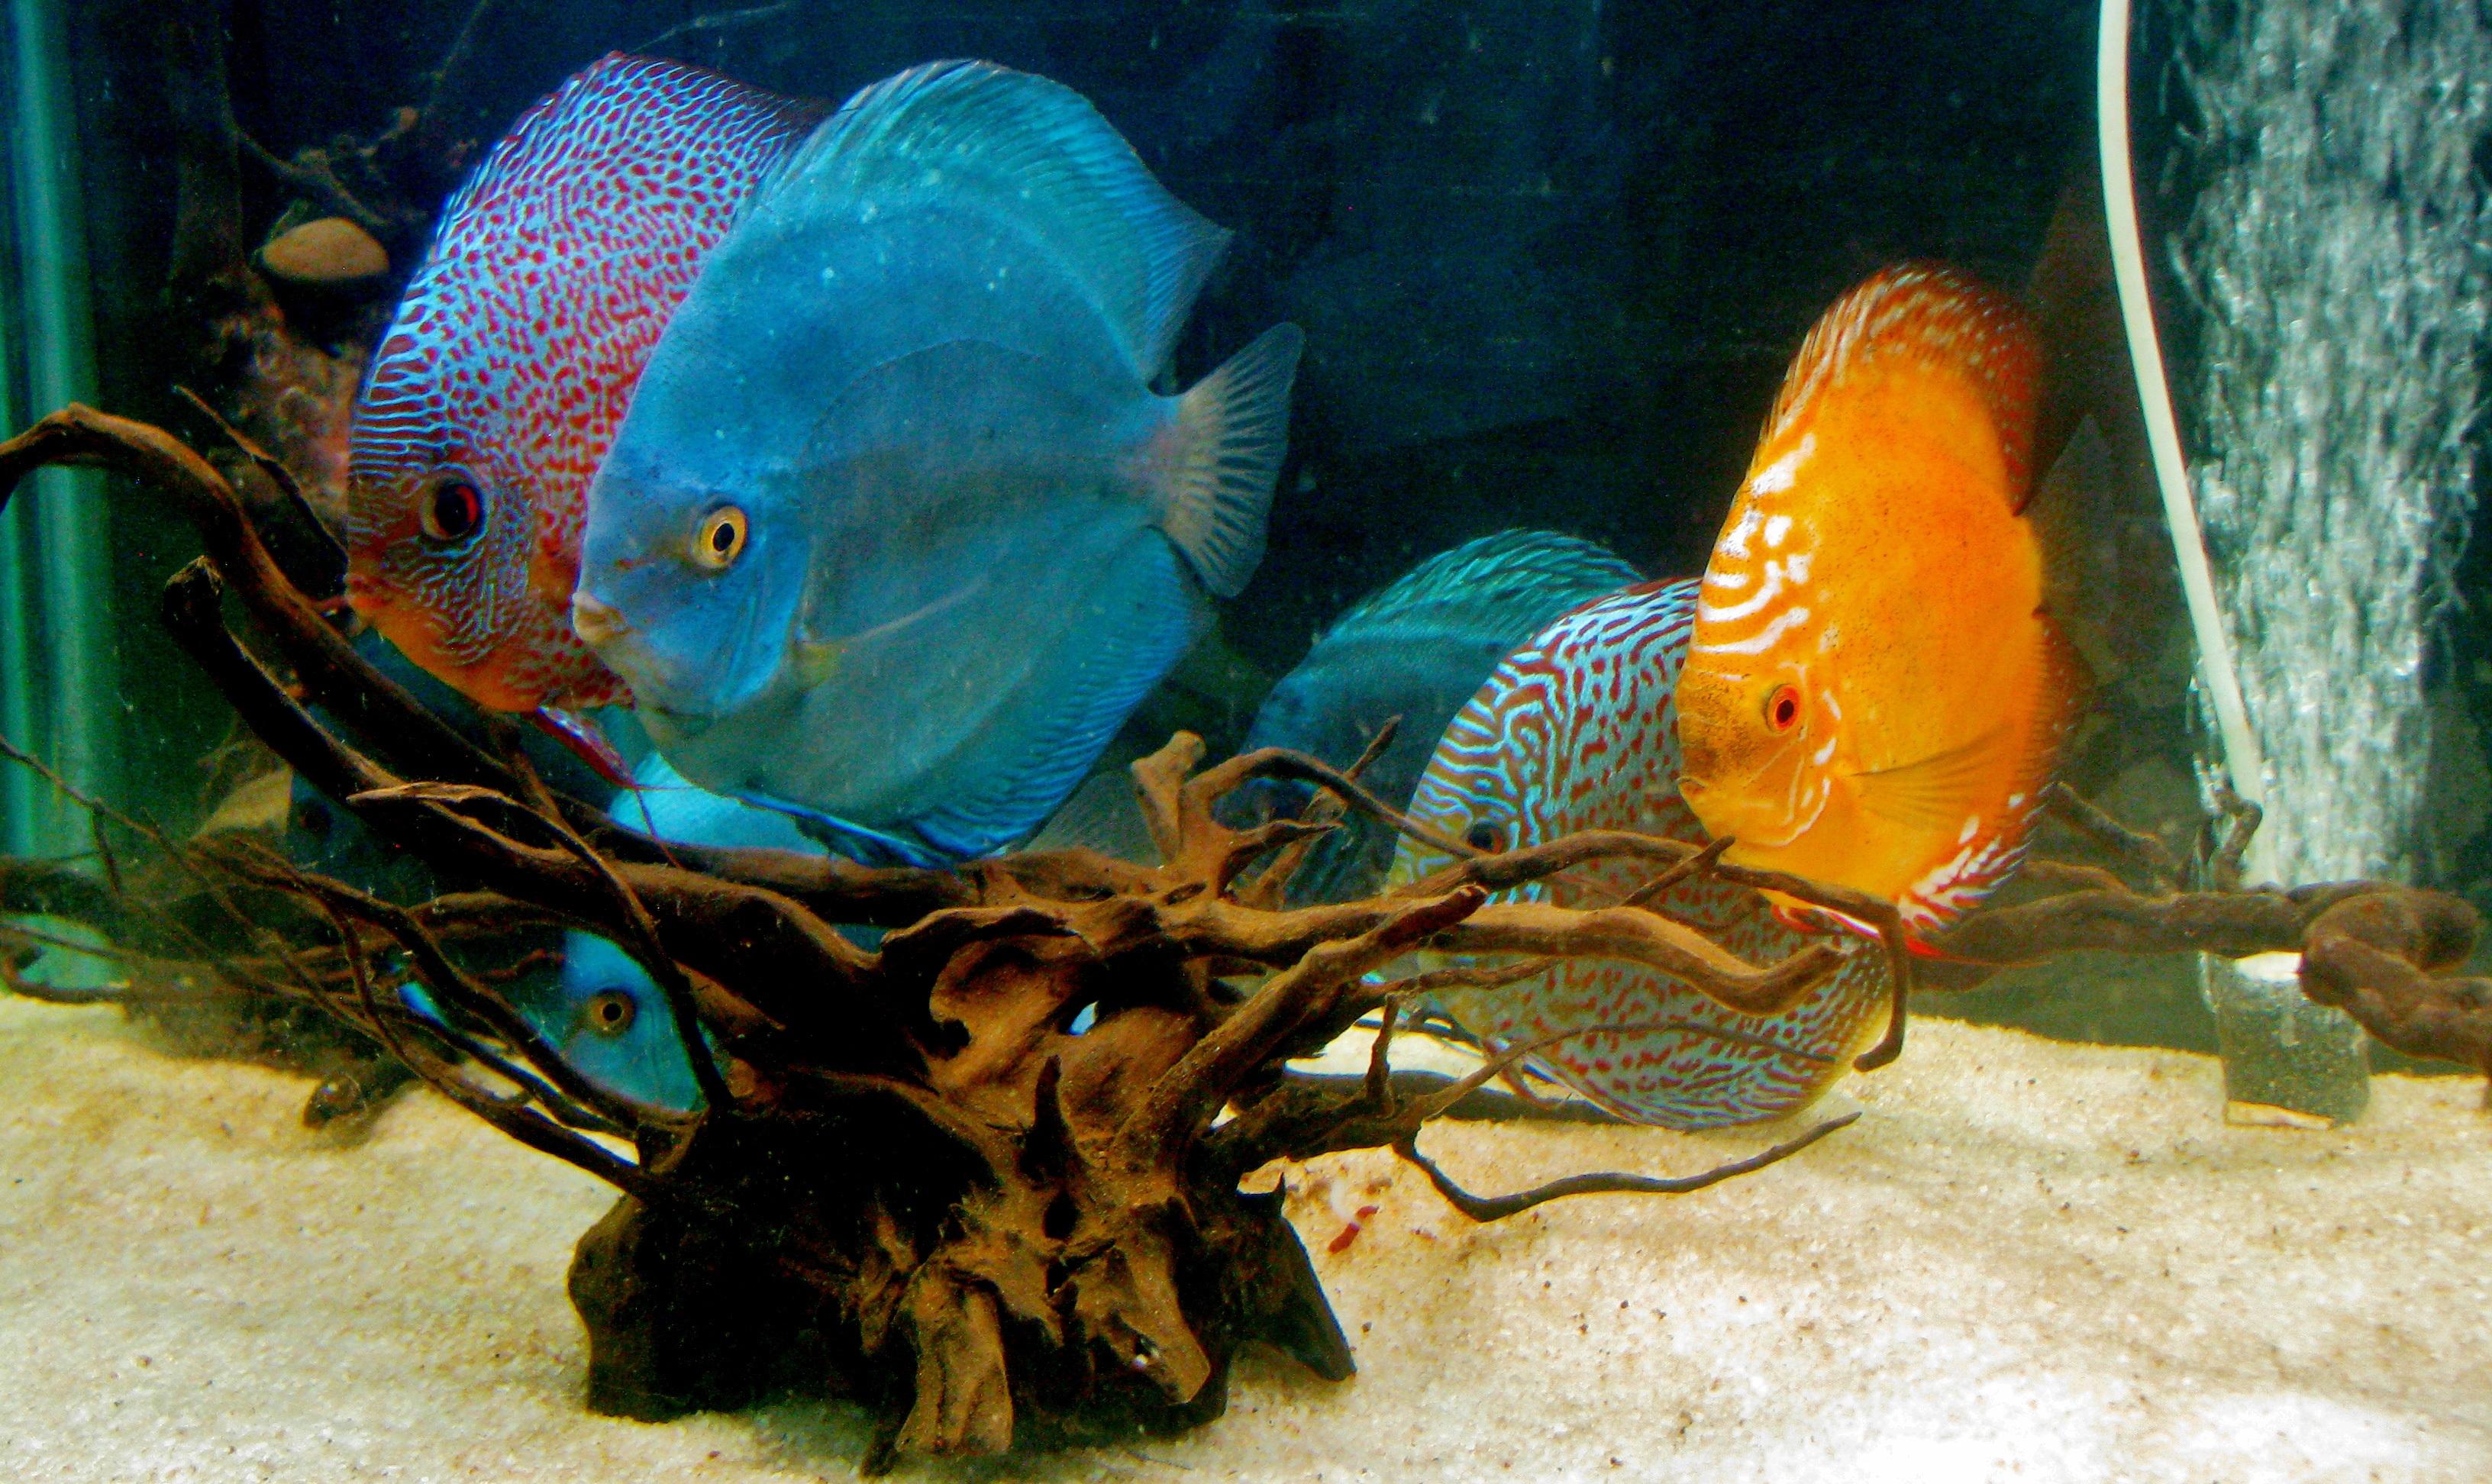 Картинки рыбок которые живут в аквариуме